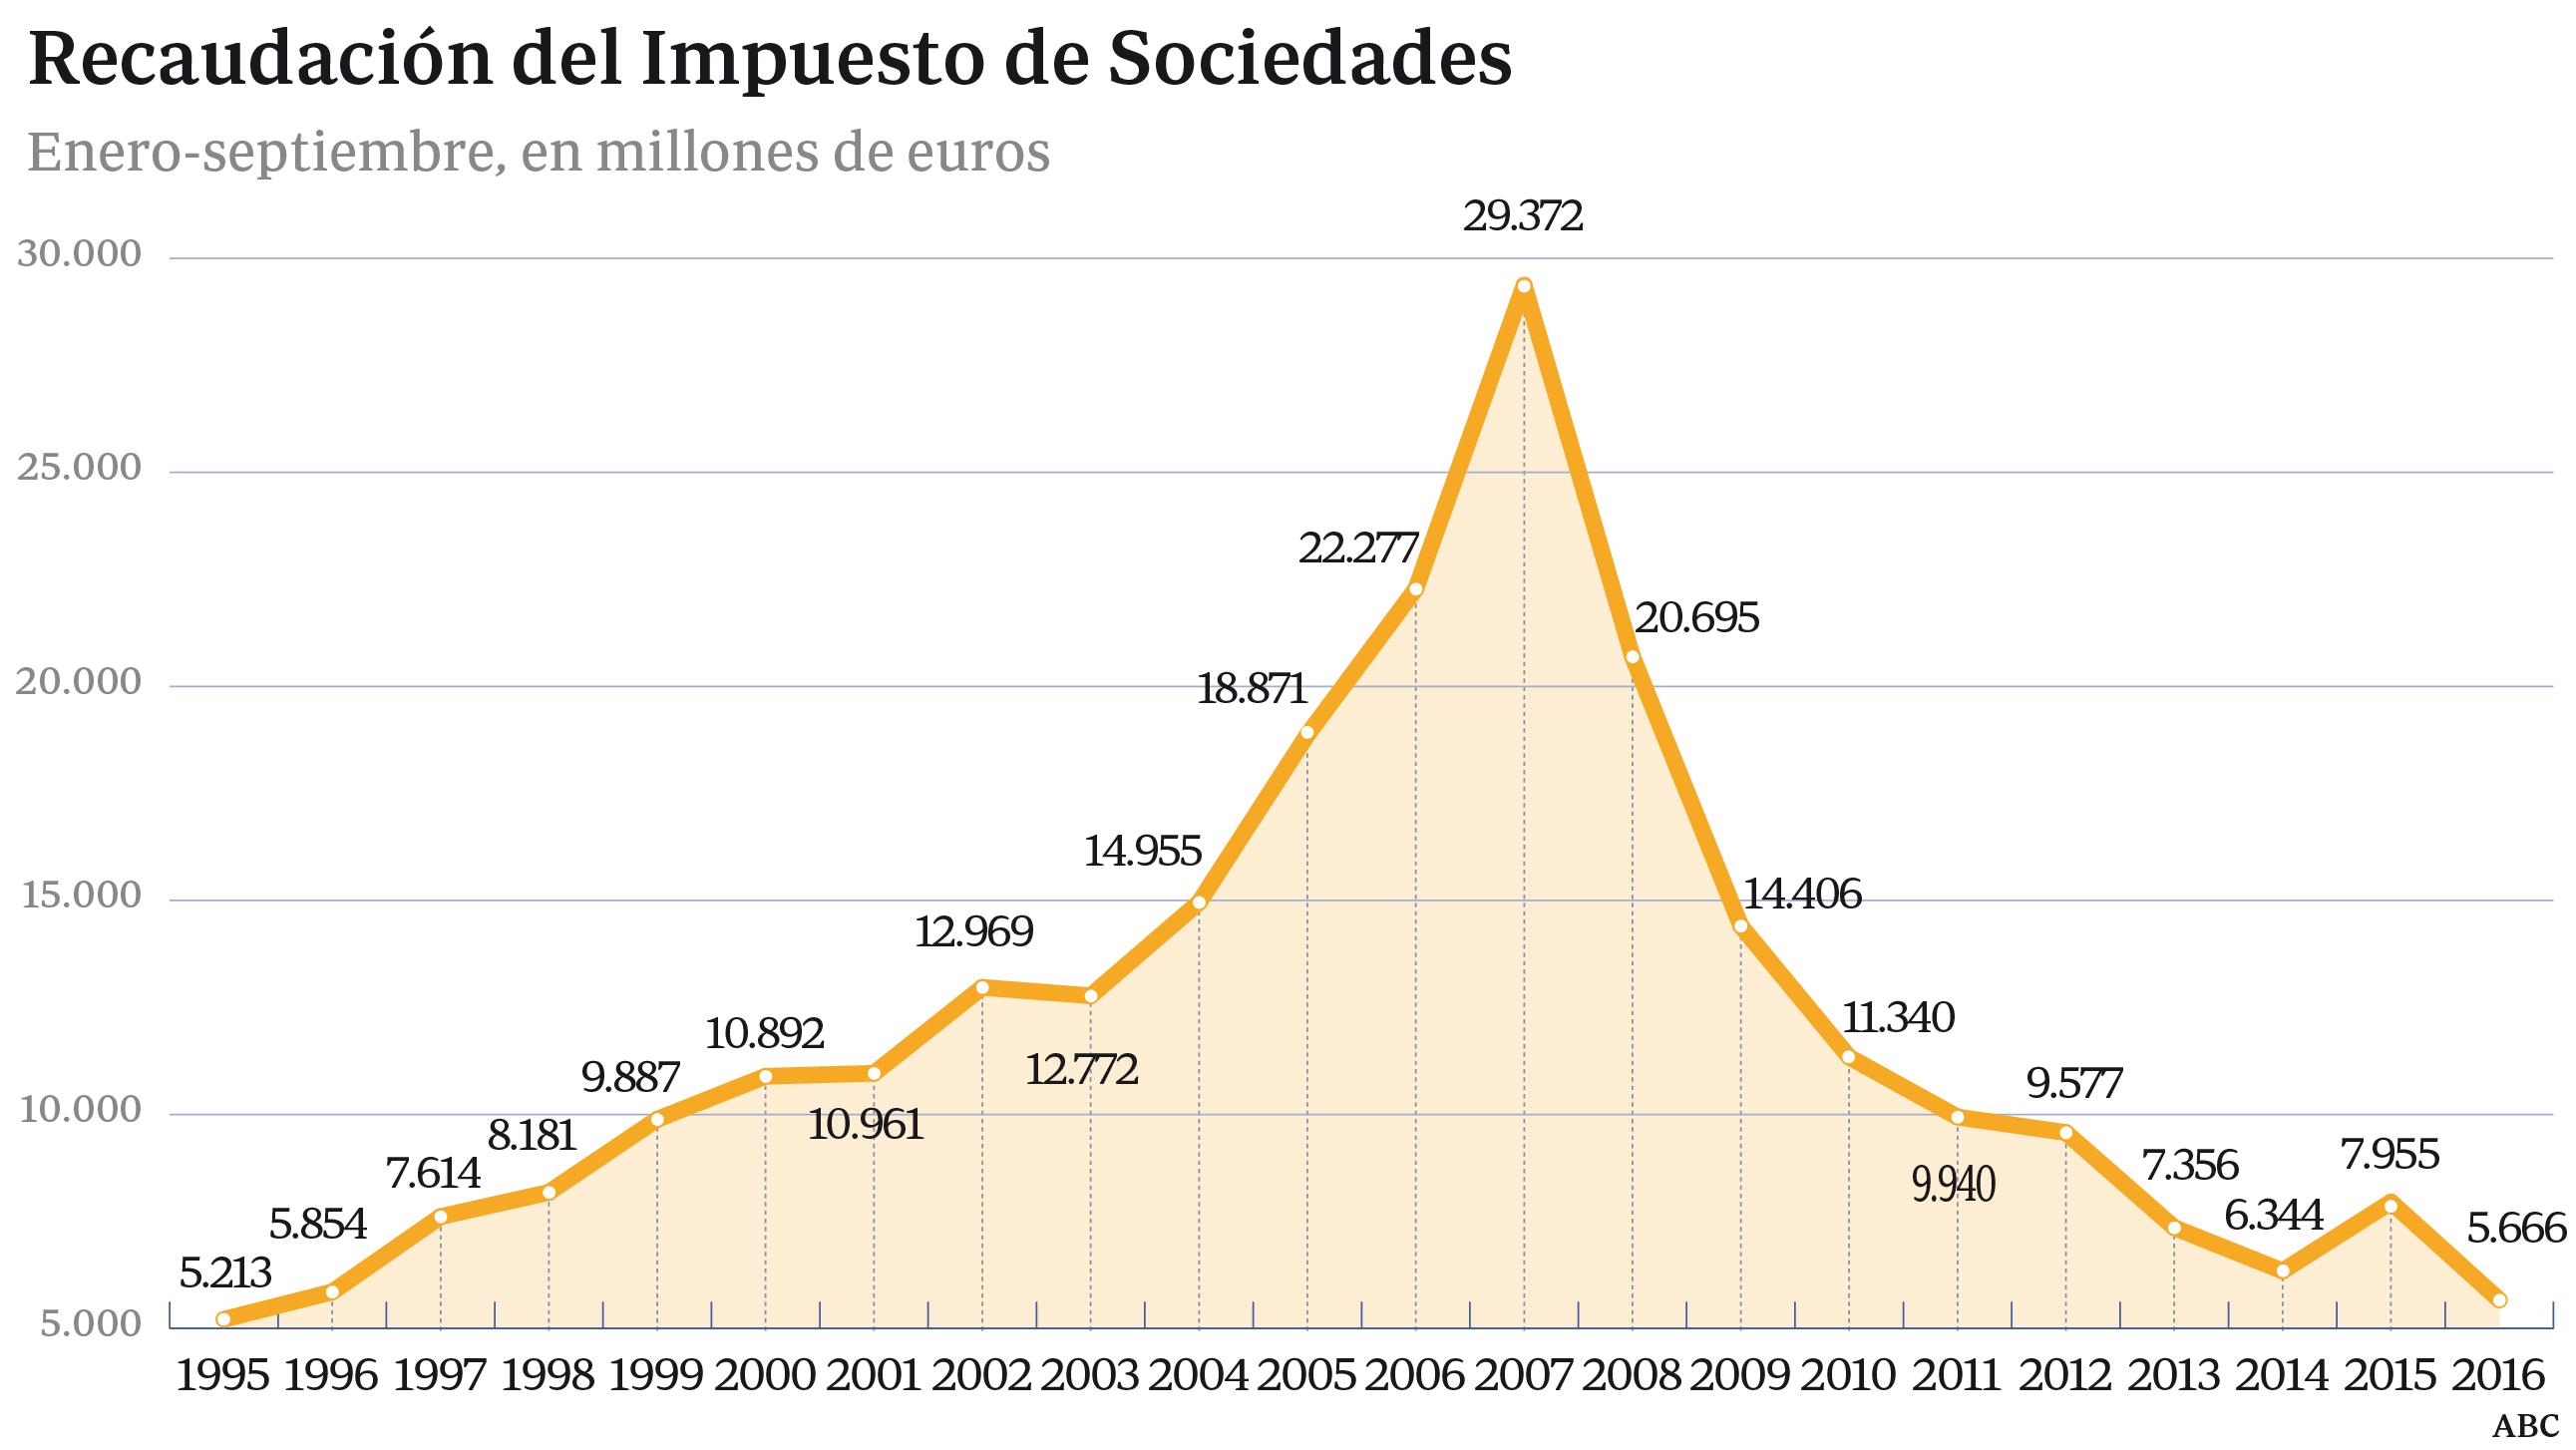 Hacienda ingresó en octubre casi 6.000 millones por el adelanto de Sociedades